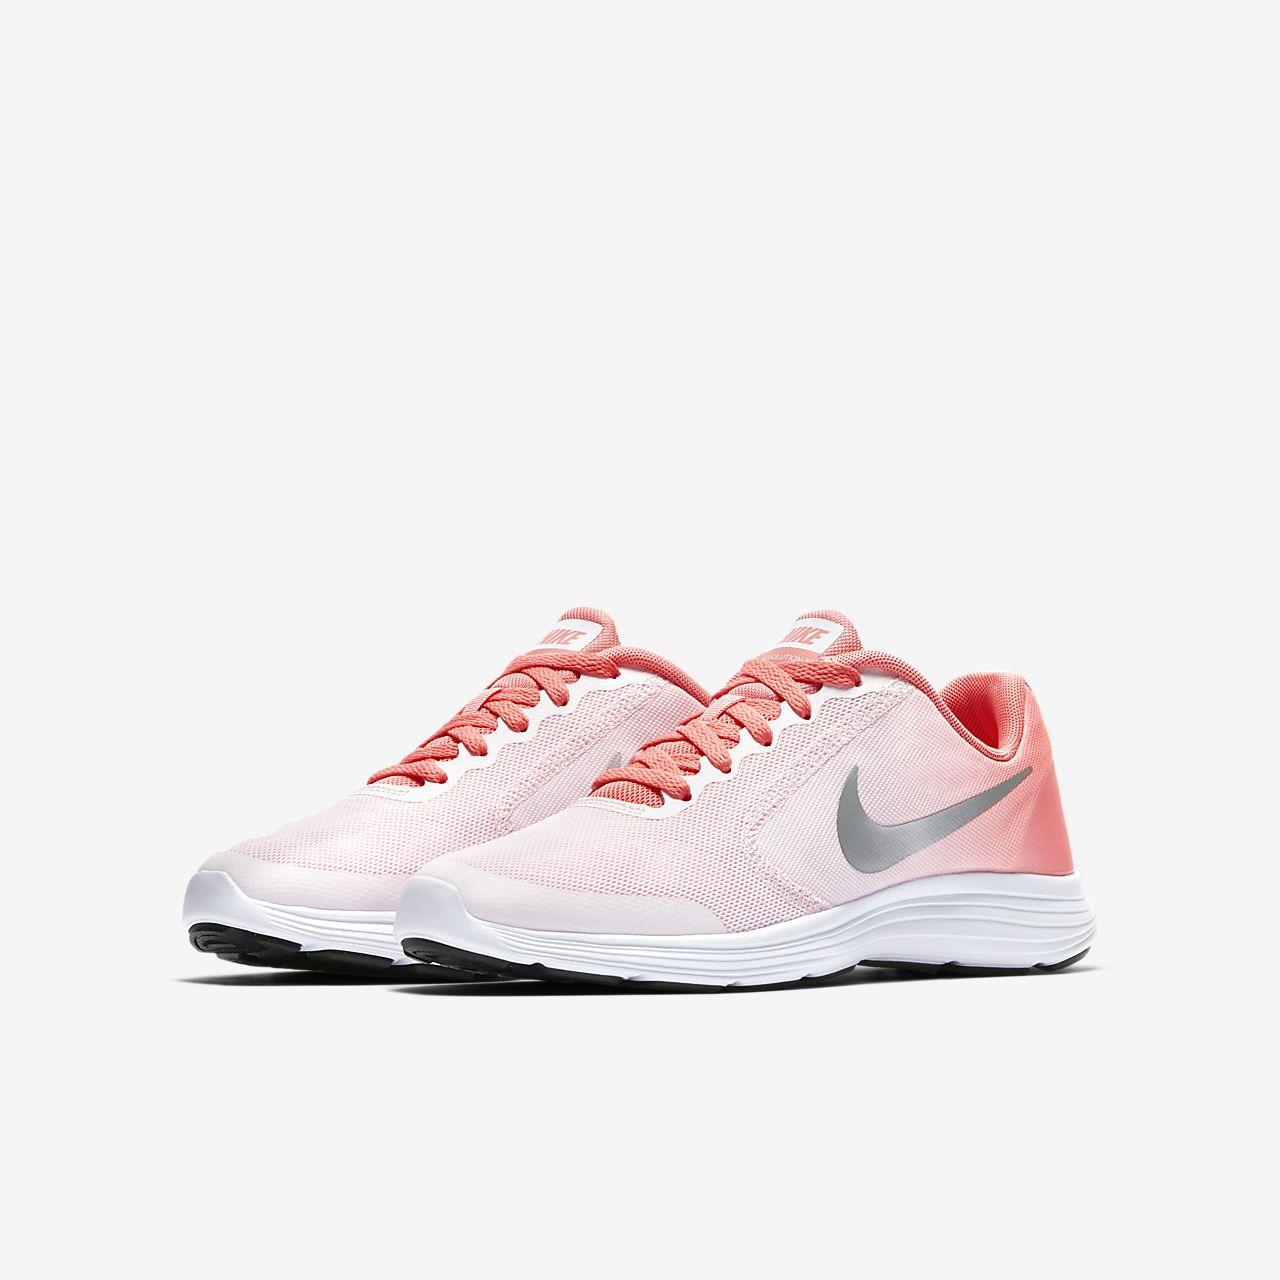 info for 69caa 4de05 Sportschuhe Nike Damen Revolution 3 Laufschuhe